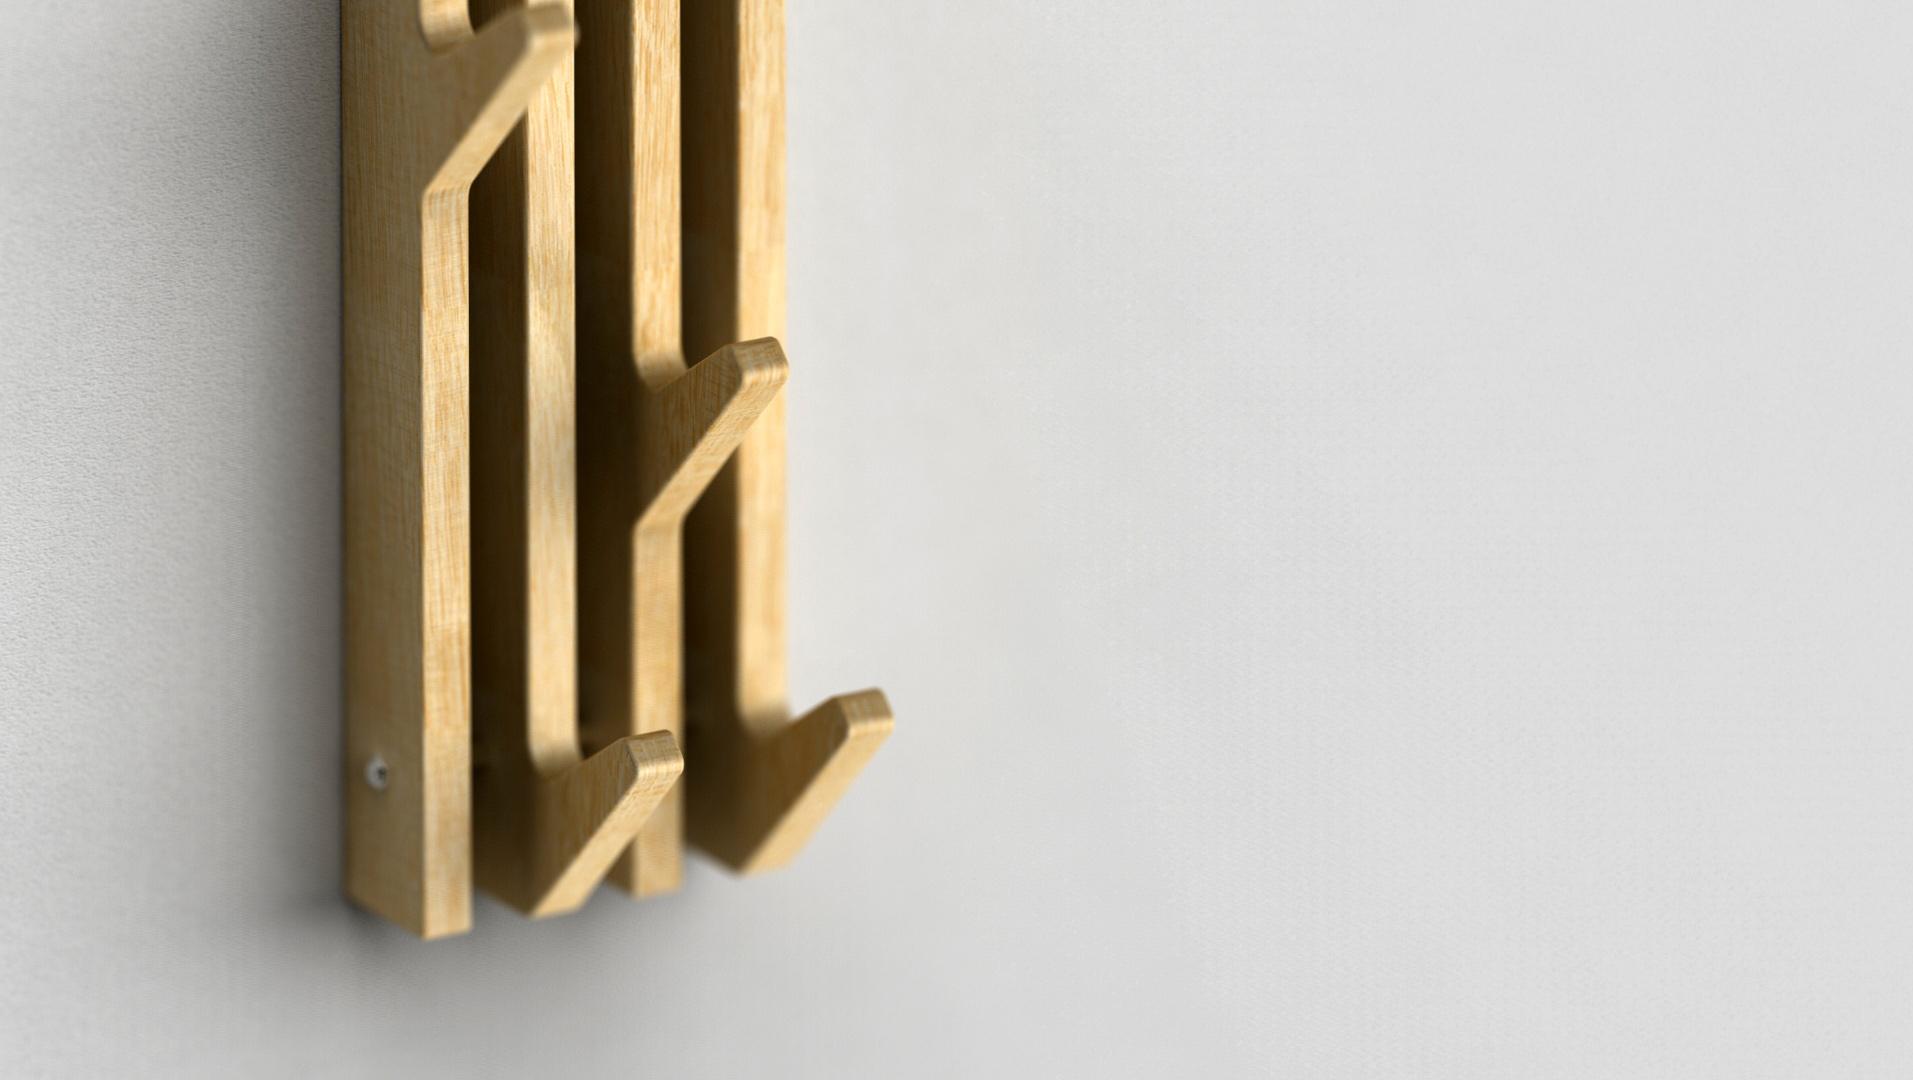 jonction objet pour suspendre nsb design. Black Bedroom Furniture Sets. Home Design Ideas